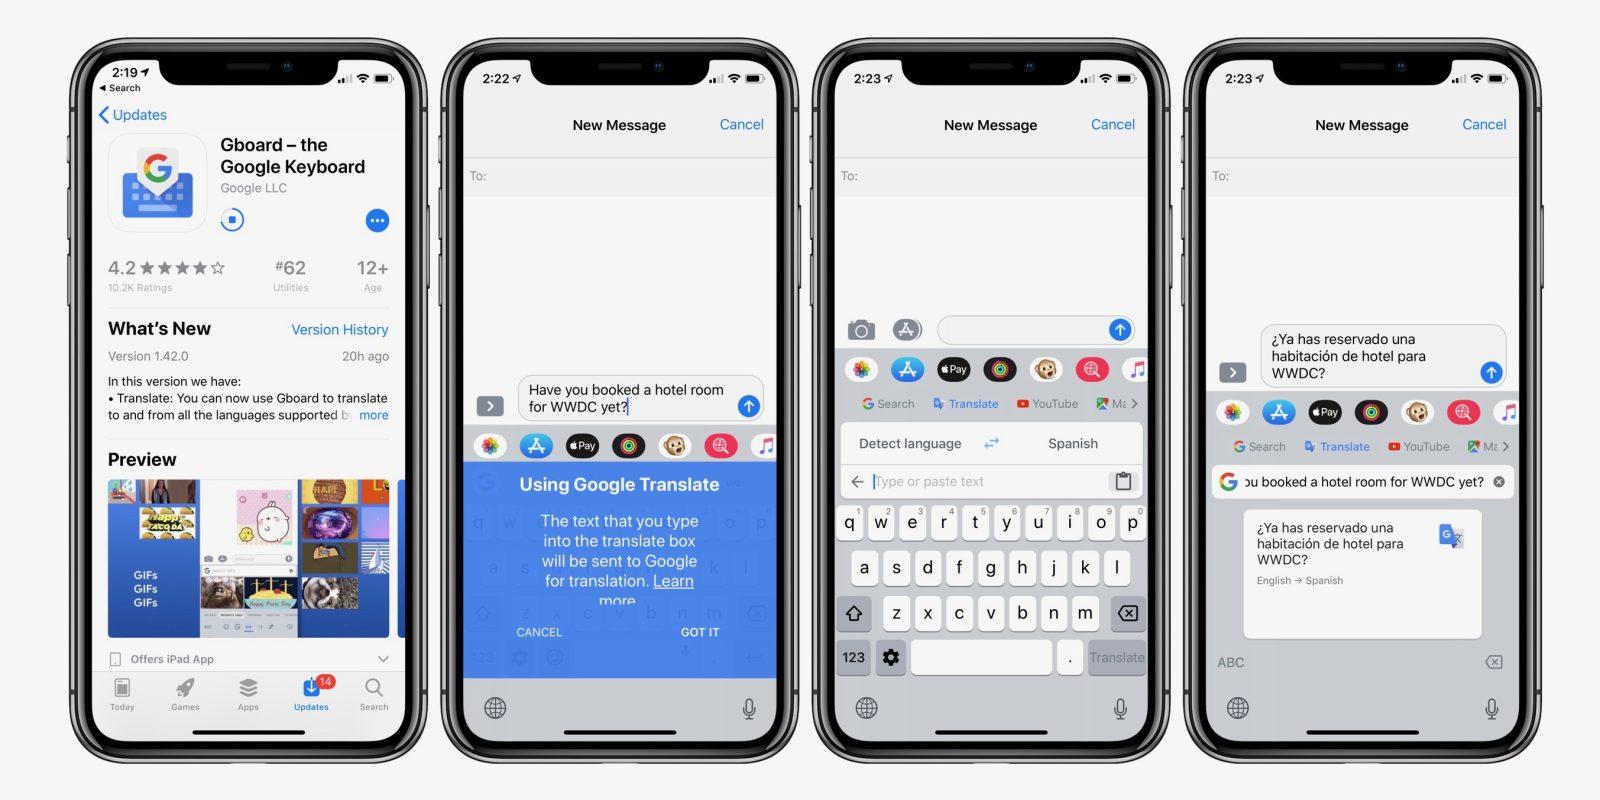 Teclado Gboard para iOS com integração com o Google Tradutor